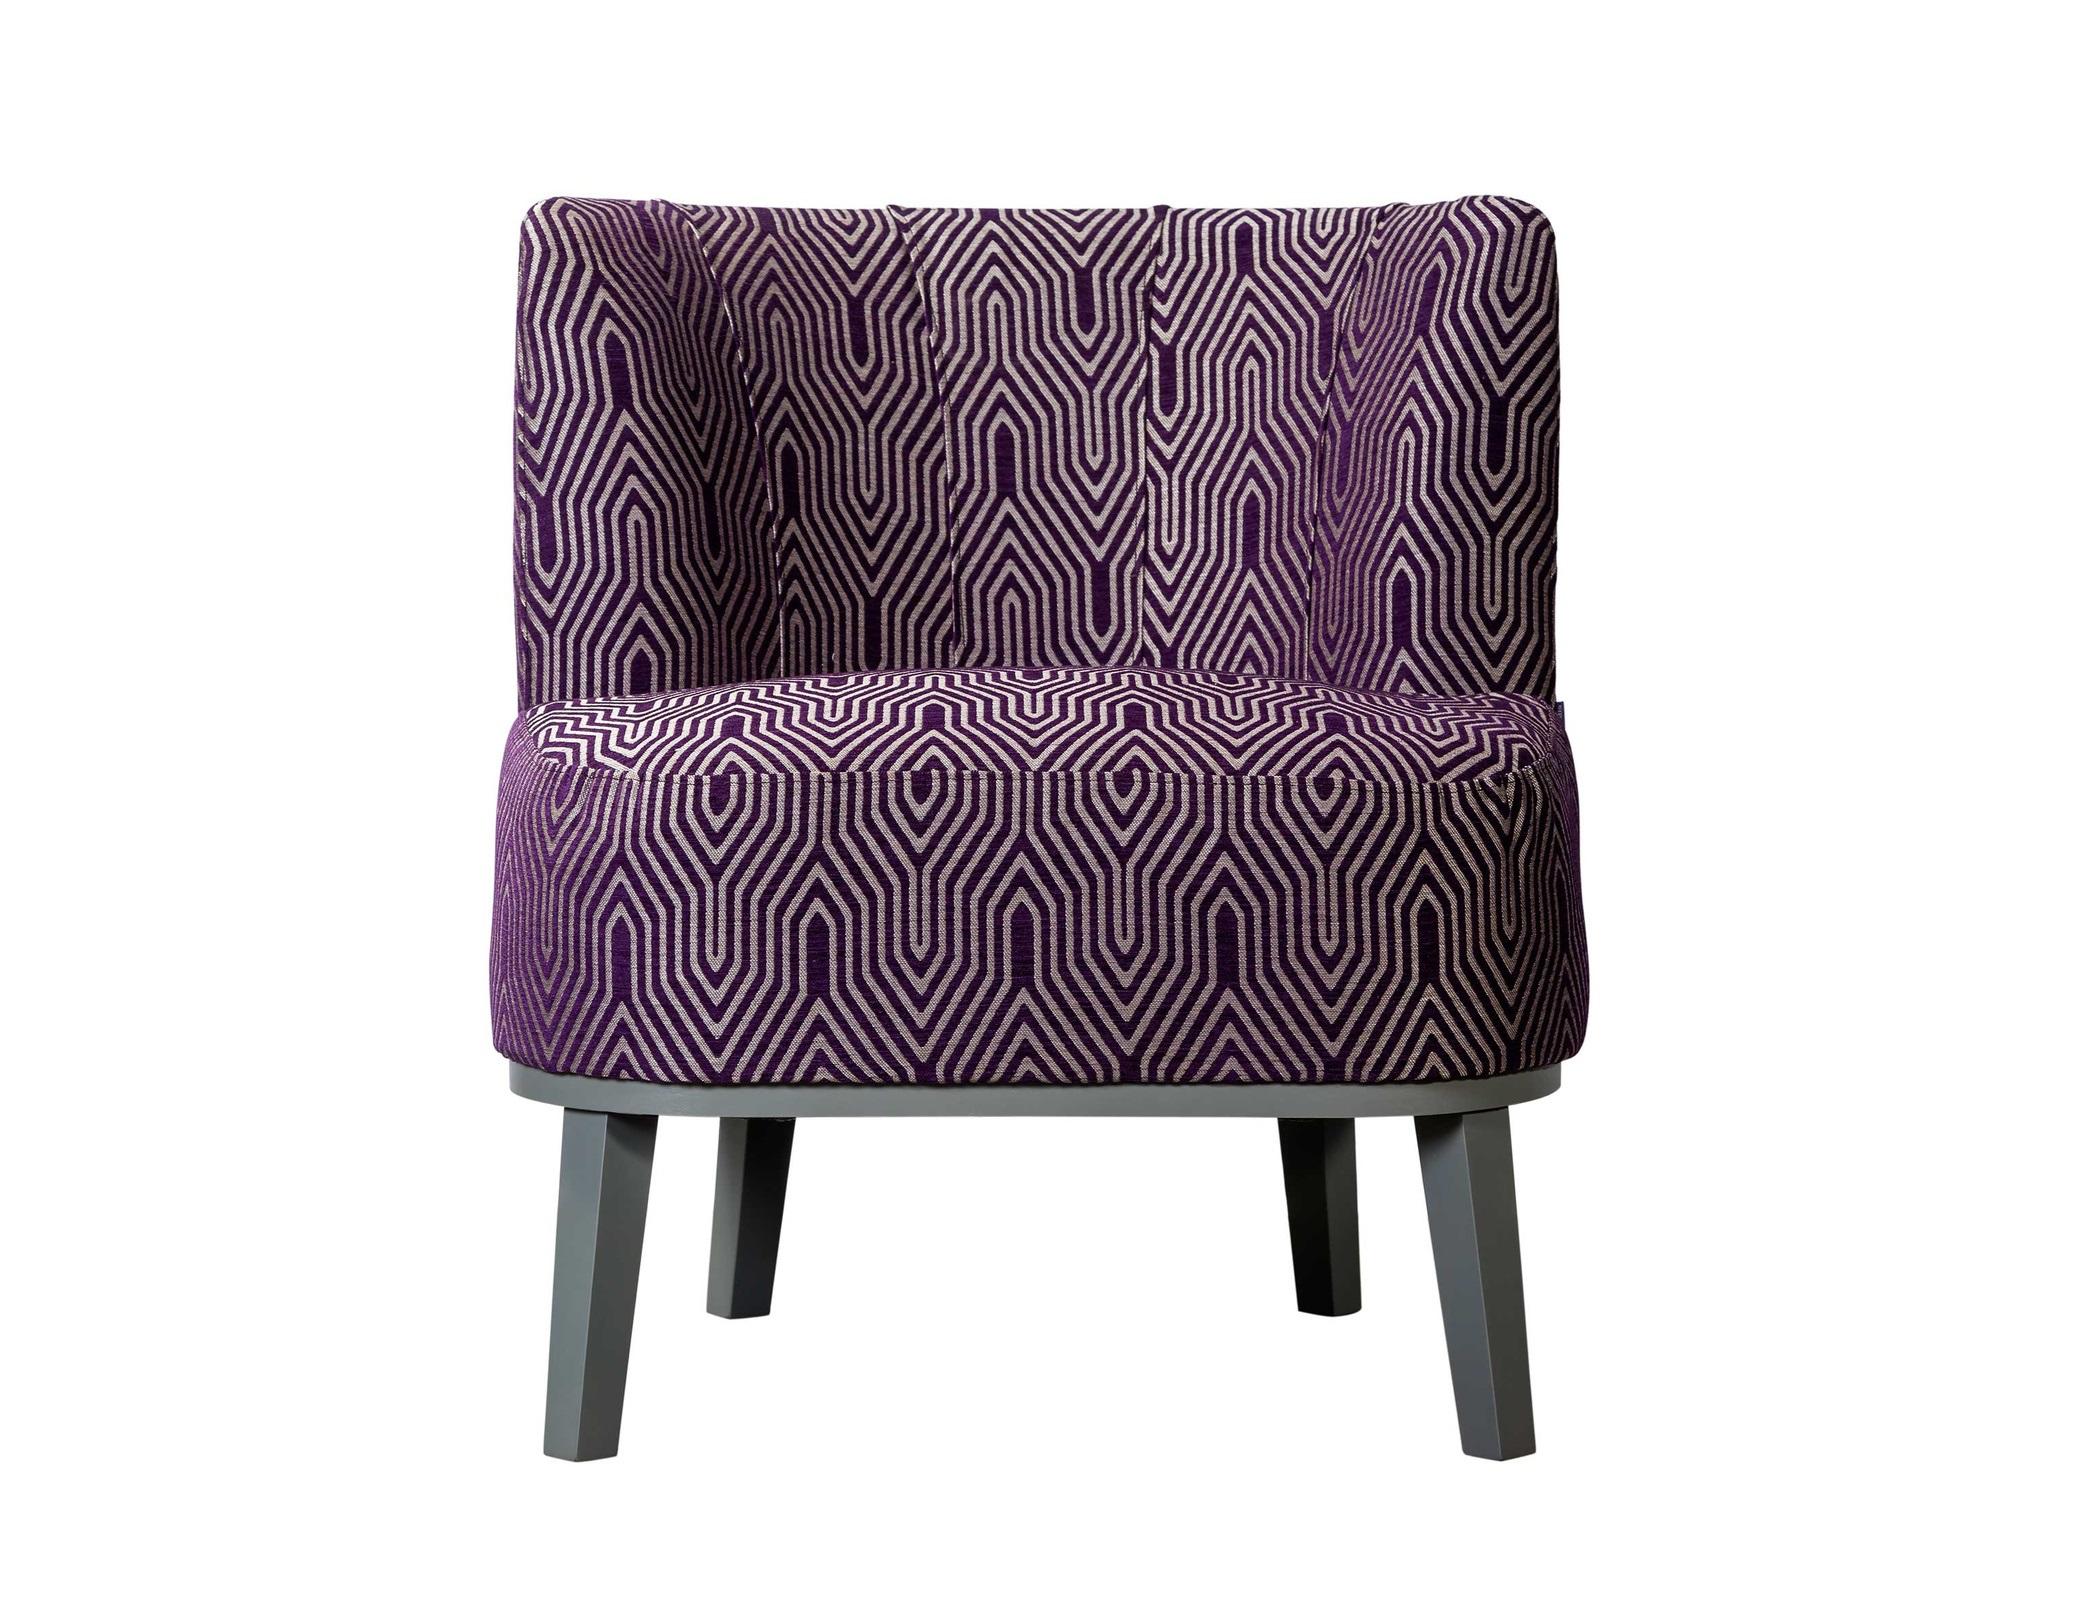 Кресло Шафран КлассикаПолукресла<br>Высота сидения: 48,5 см<br><br>kit: None<br>gender: None